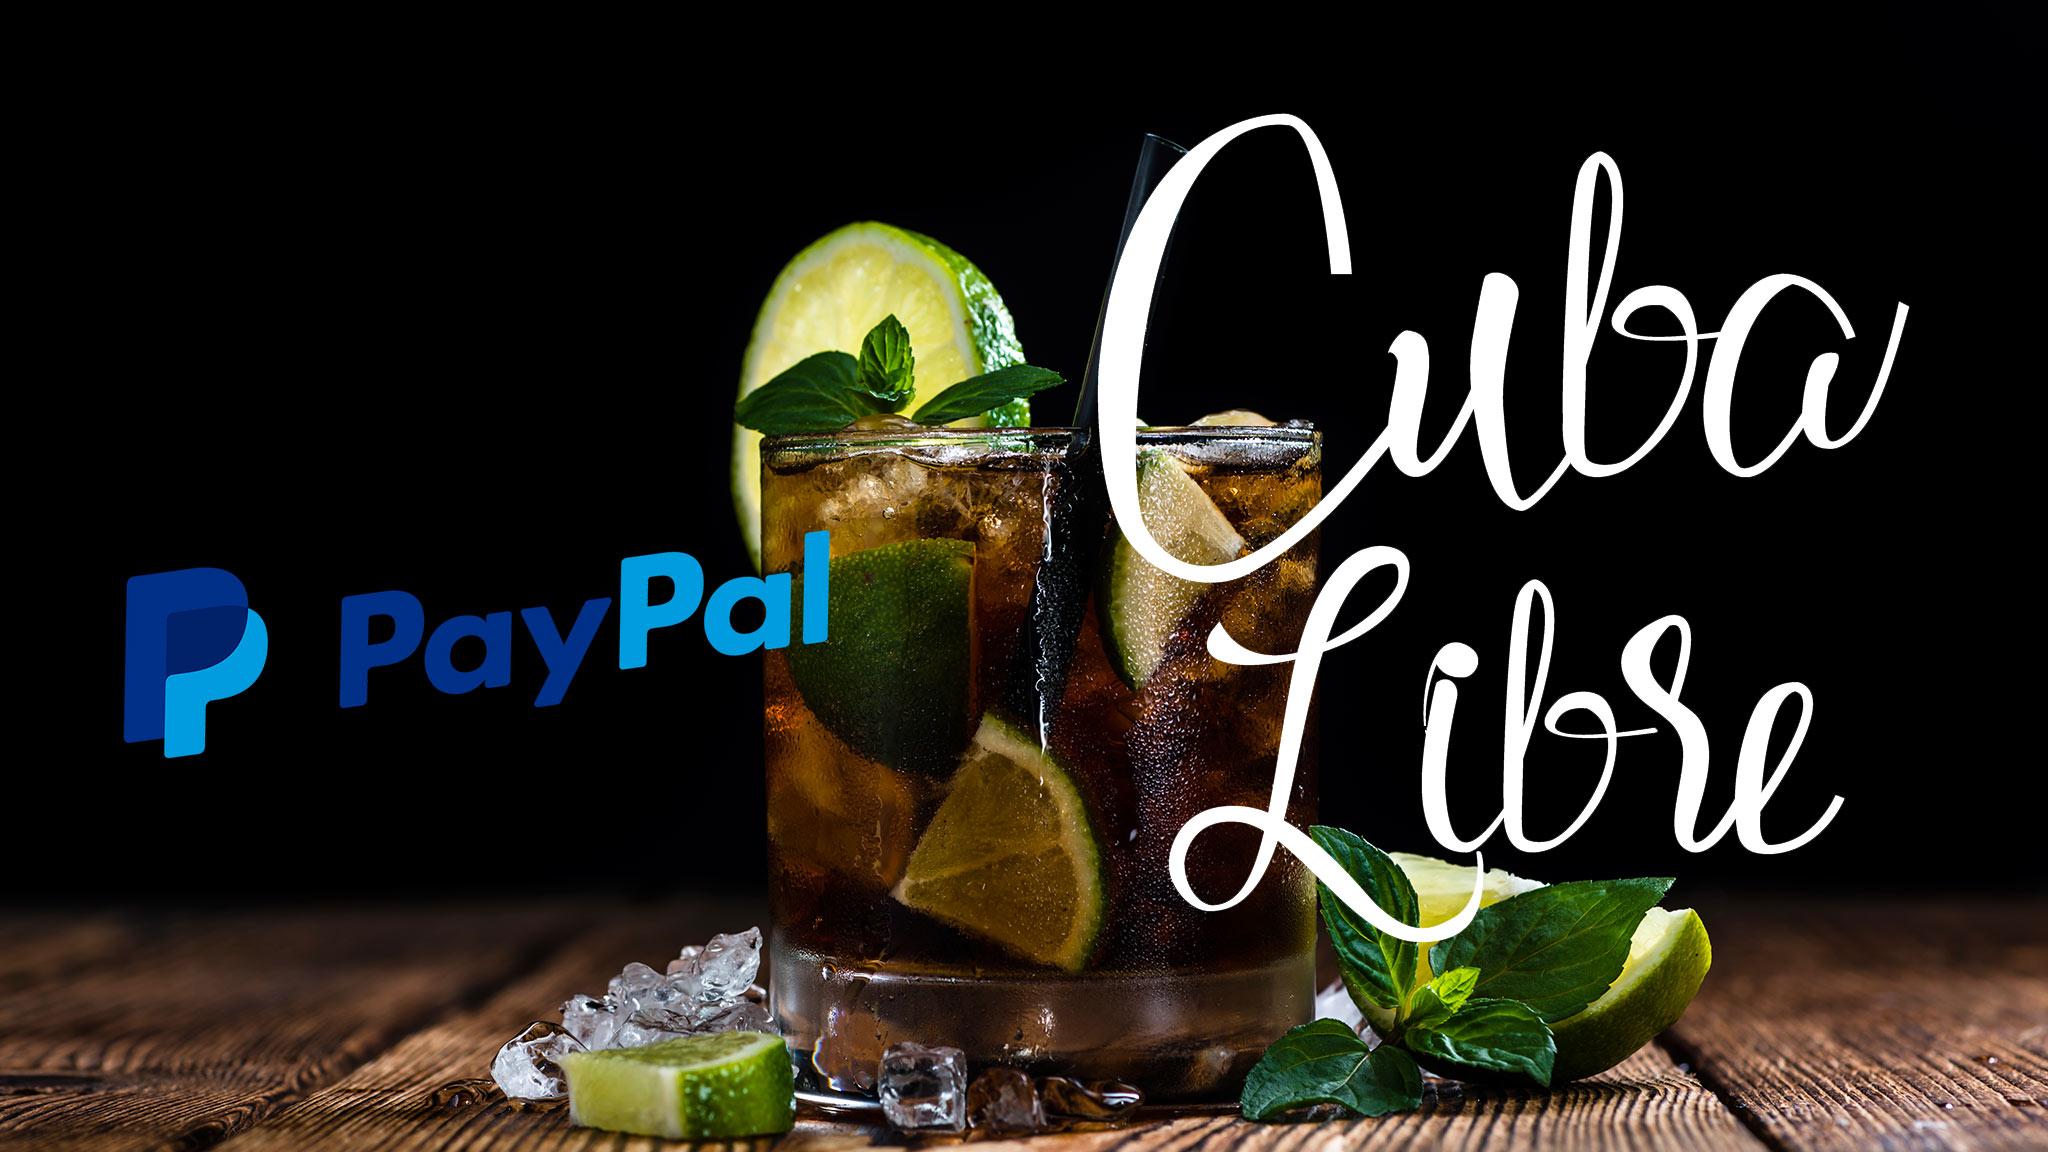 Verbotene PayPal-Wörter: Und auf einmal war ich Cuba-Libre-Händler